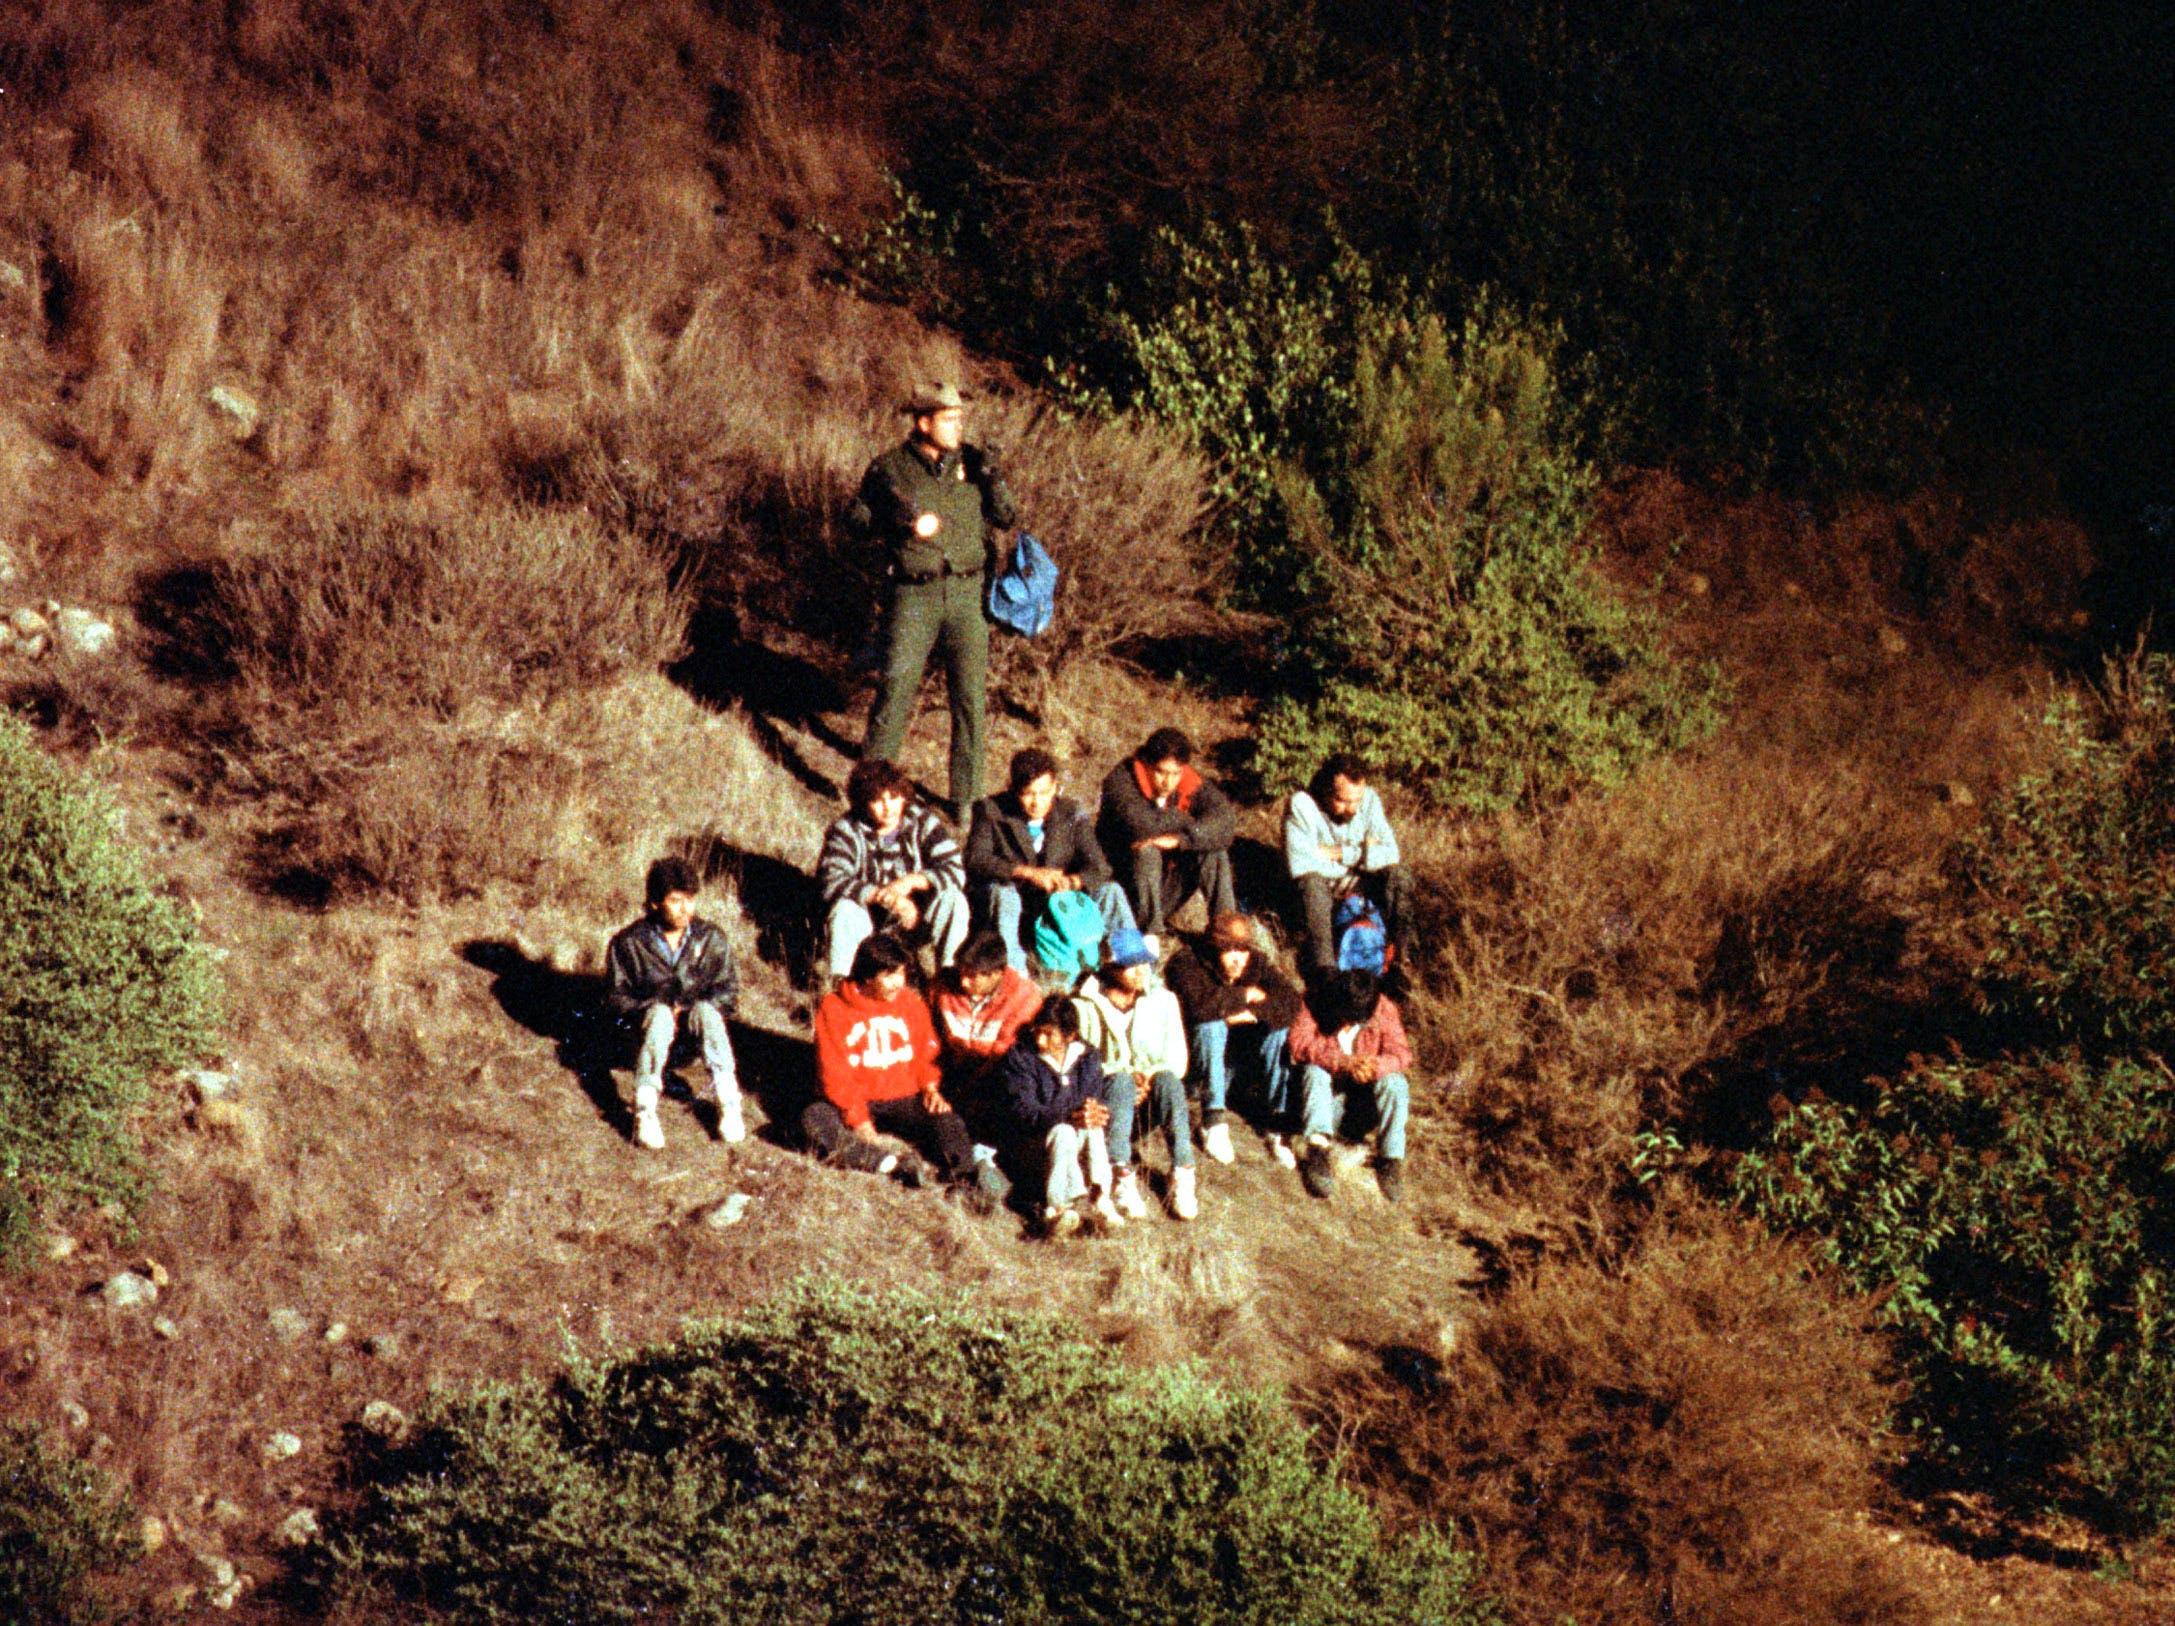 Imigrantes mexicanos são revistados pela Patrulha de Fronteira dos EUA numa íngreme encosta de cânion, iluminada por um helicóptero da Patrulha de Fronteira.